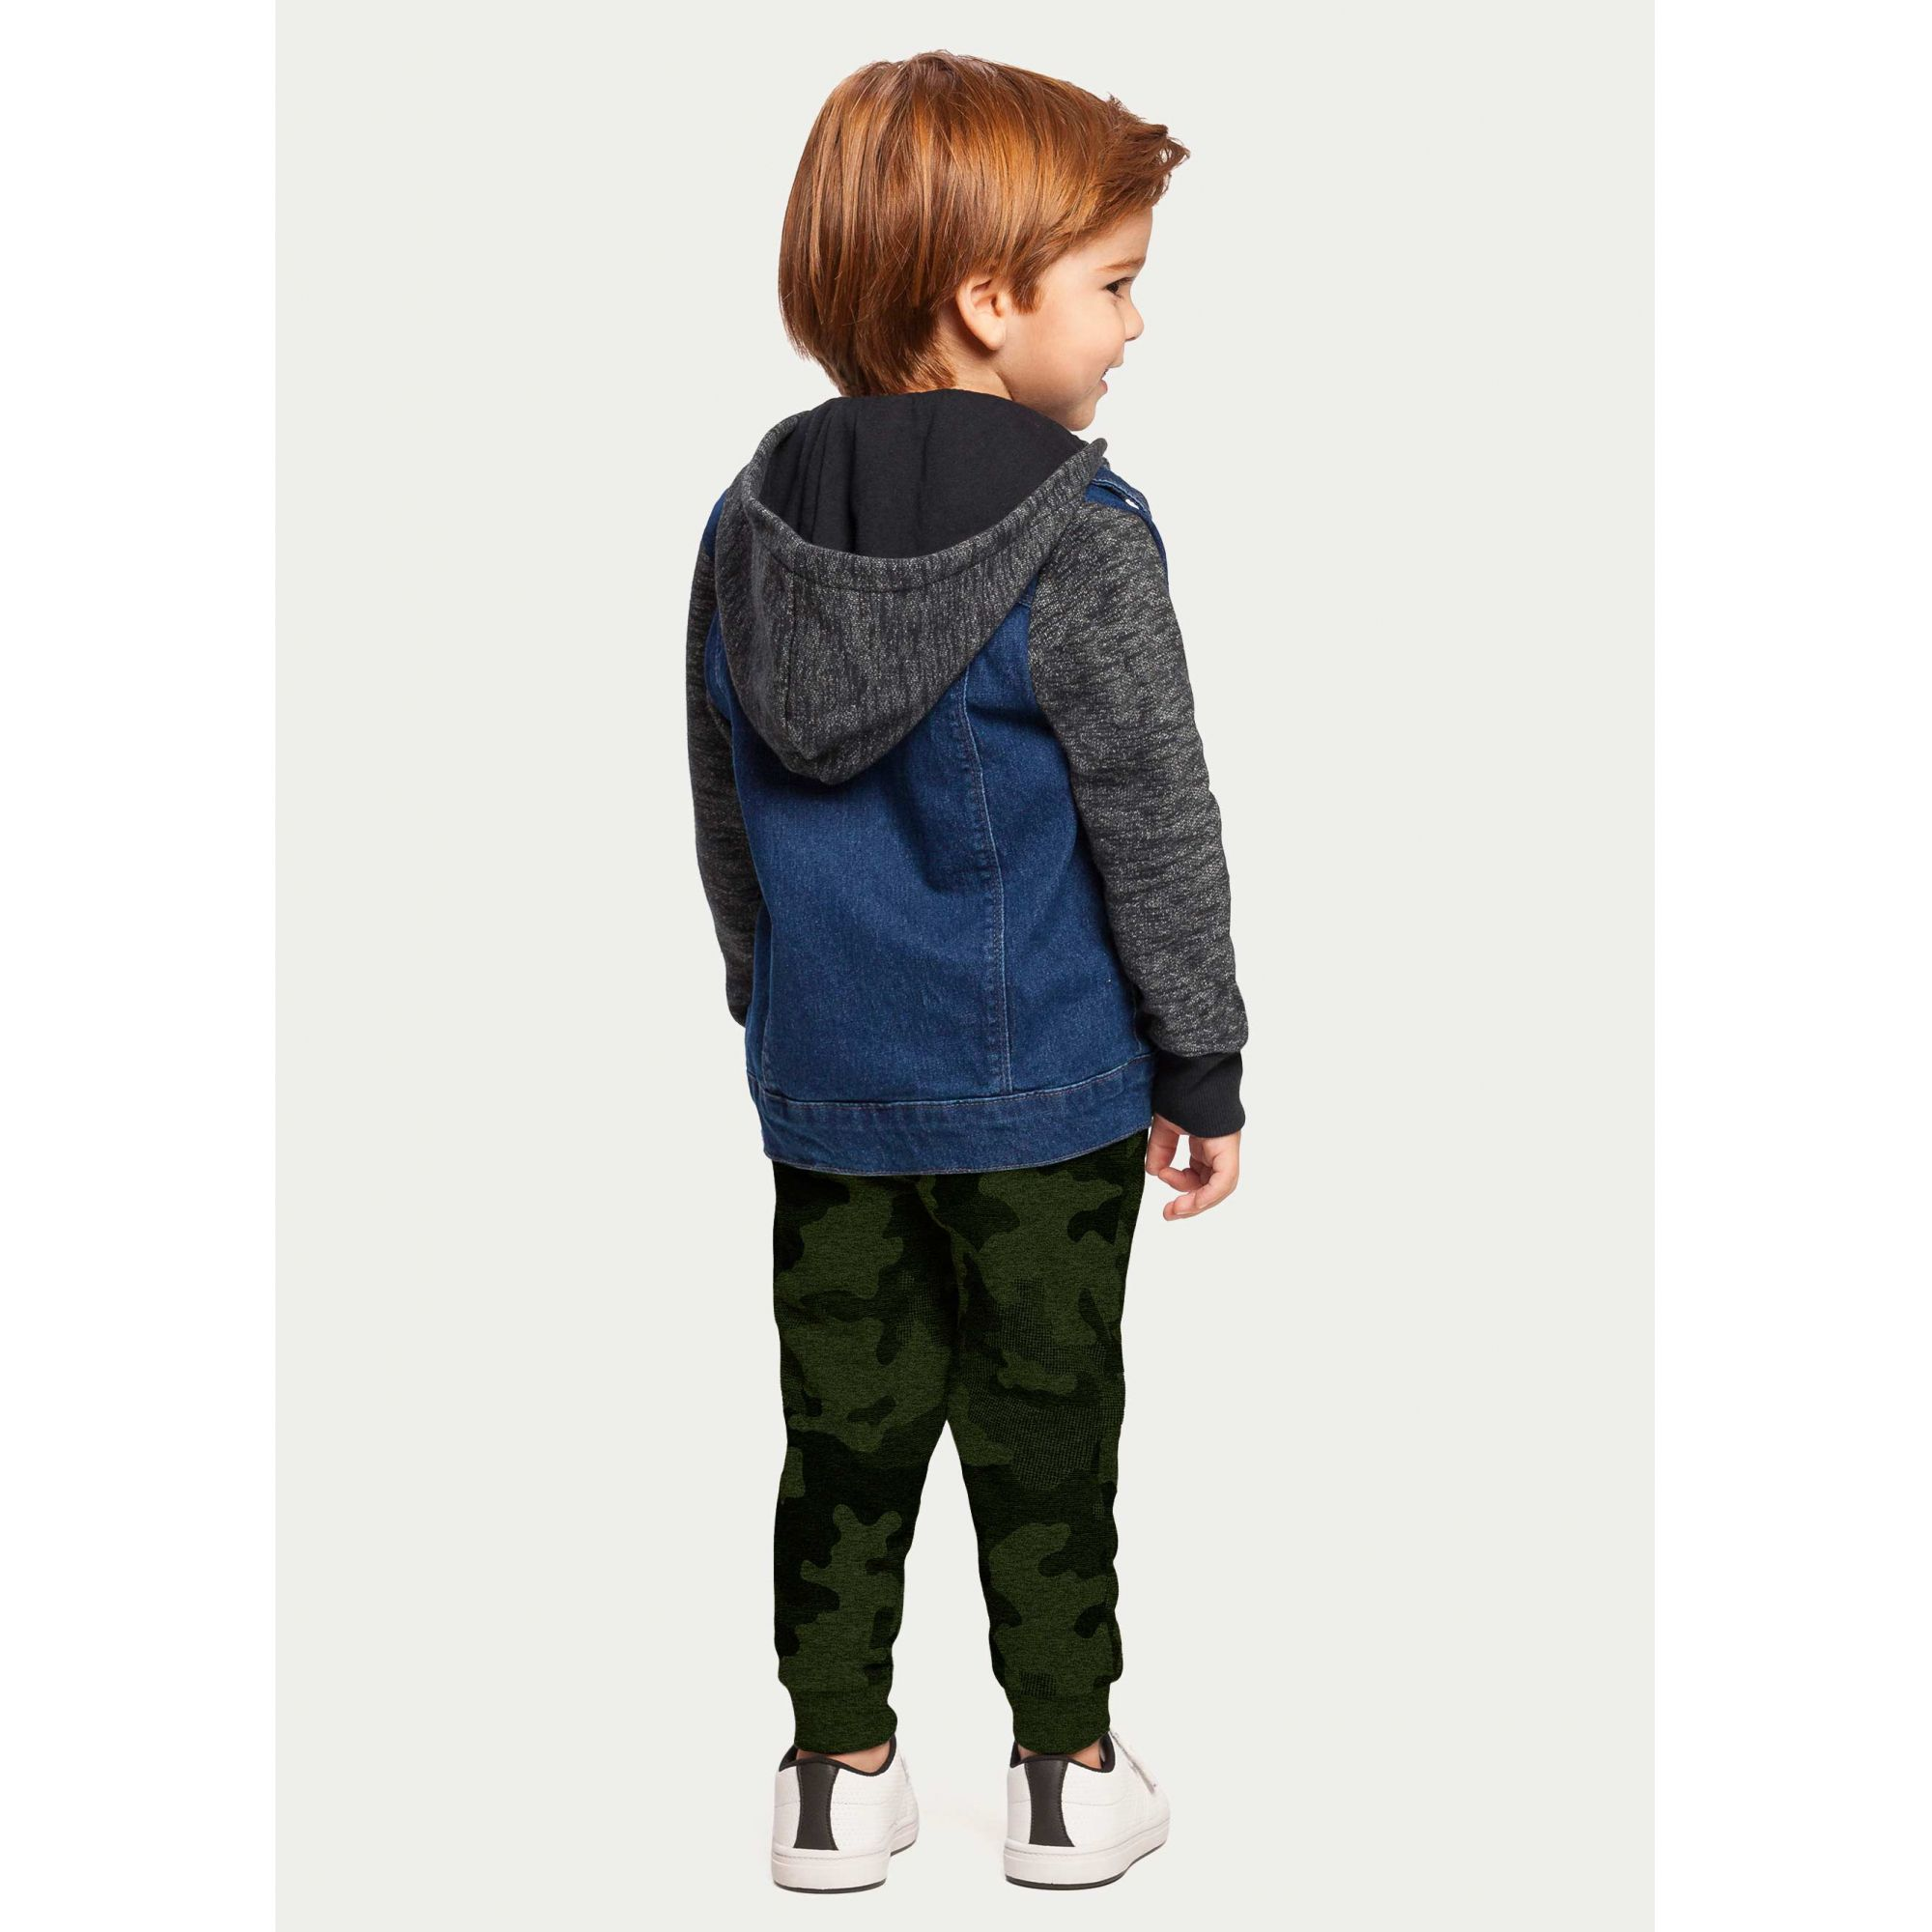 Calça Infantil Masculina Inverno Verde Camuflada com Punho Alakazoo